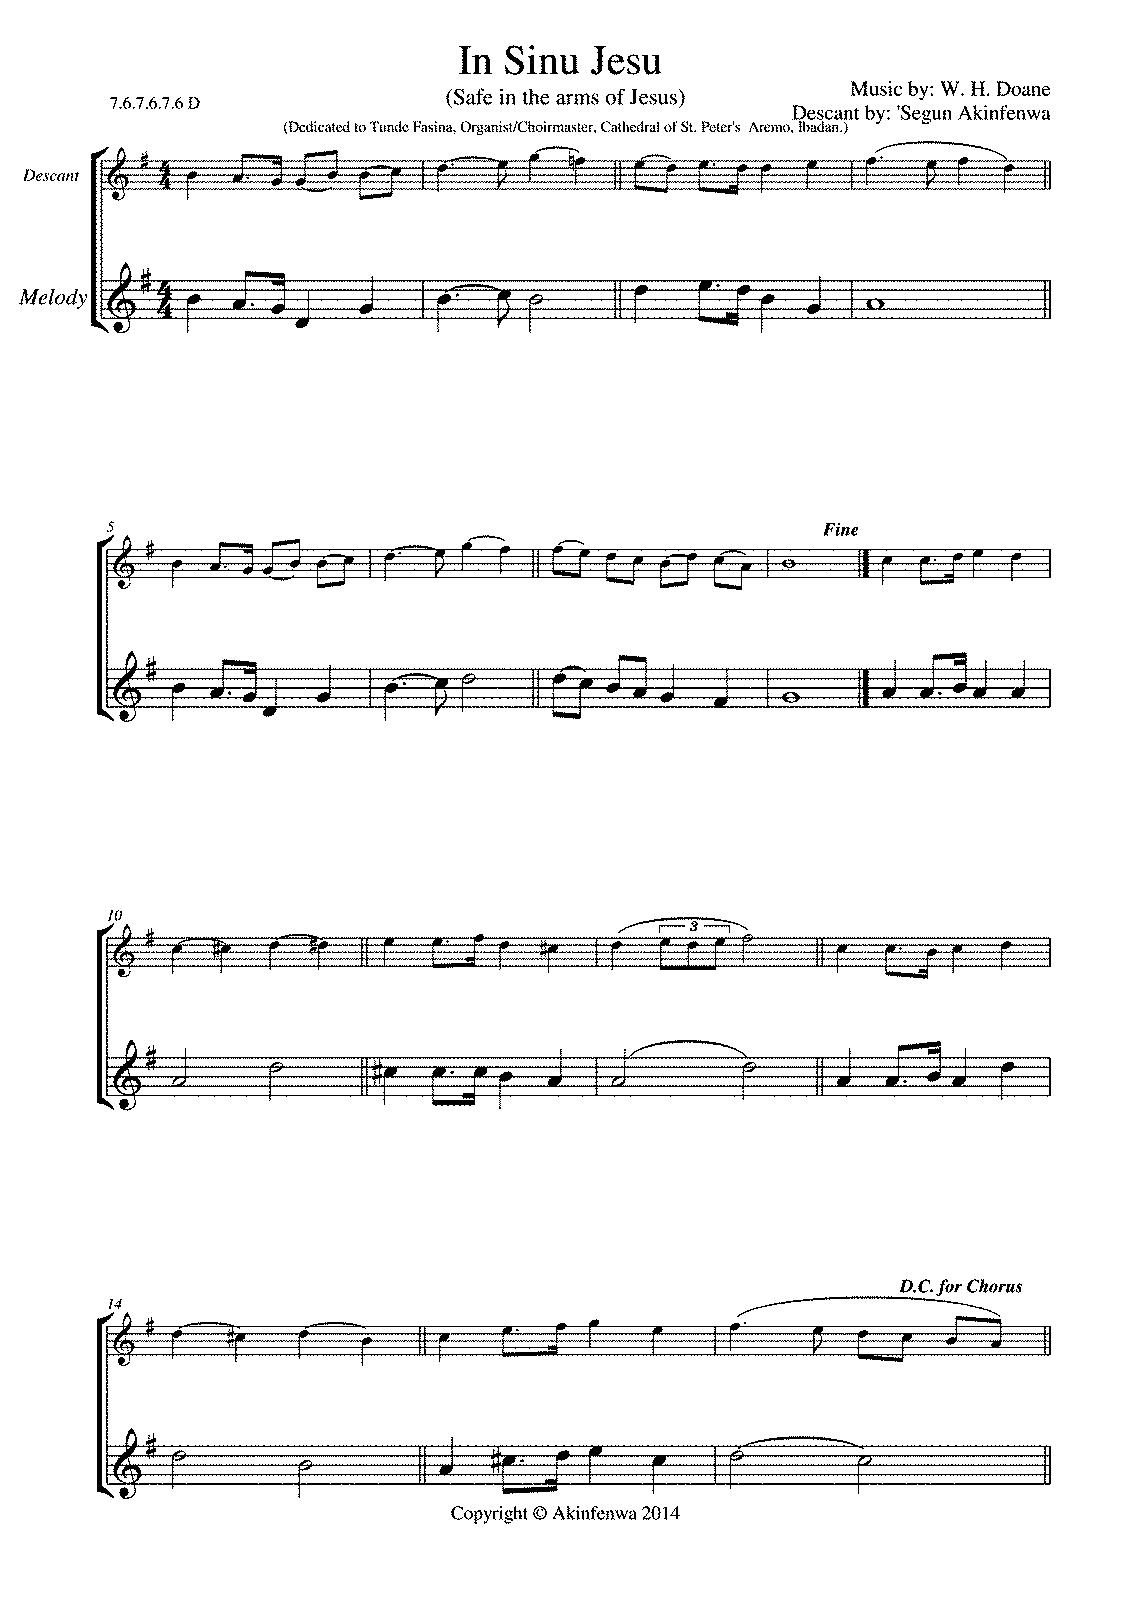 In Sinu Jesu Descant (Akinfenwa, Segun) - IMSLP/Petrucci Music